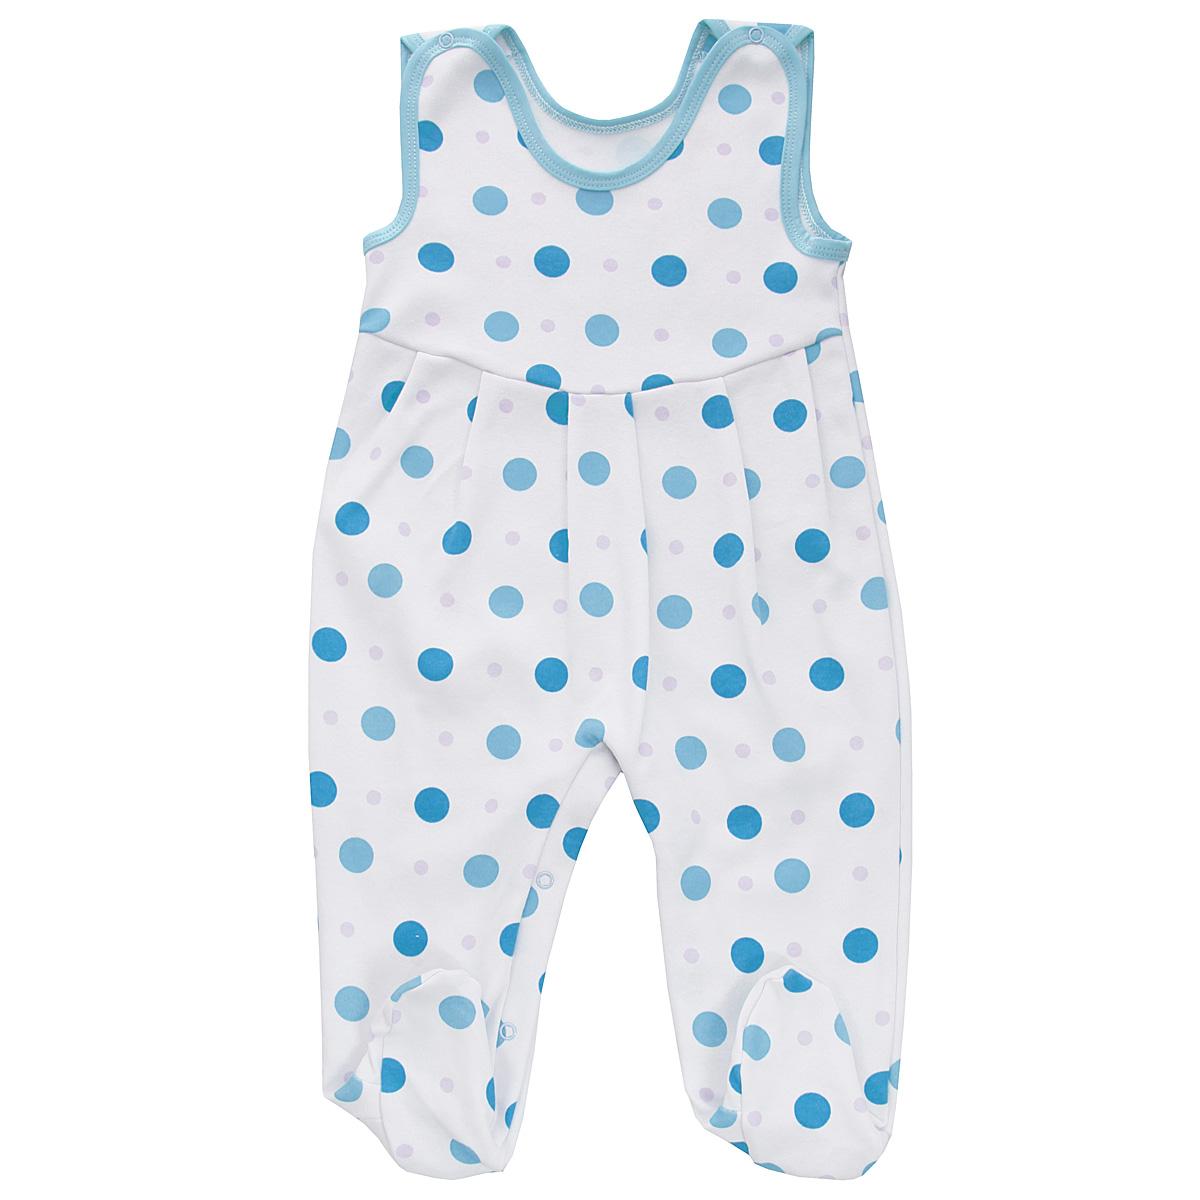 Ползунки5247_горохПолзунки с грудкой Трон-плюс - очень удобный и практичный вид одежды для малышей. Ползунки выполнены из интерлока - натурального хлопка, благодаря чему они необычайно мягкие и приятные на ощупь, не раздражают нежную кожу ребенка и хорошо вентилируются, а эластичные швы приятны телу младенца и не препятствуют его движениям. Ползунки с закрытыми ножками, оформленные гороховым принтом, имеют застежки-кнопки на плечах и на ластовице, которые помогают легко переодеть ребенка или сменить подгузник. Ползунки с грудкой подходят для ношения с подгузником и без него, они полностью соответствуют особенностям жизни младенца в ранний период, не стесняя и не ограничивая его в движениях!